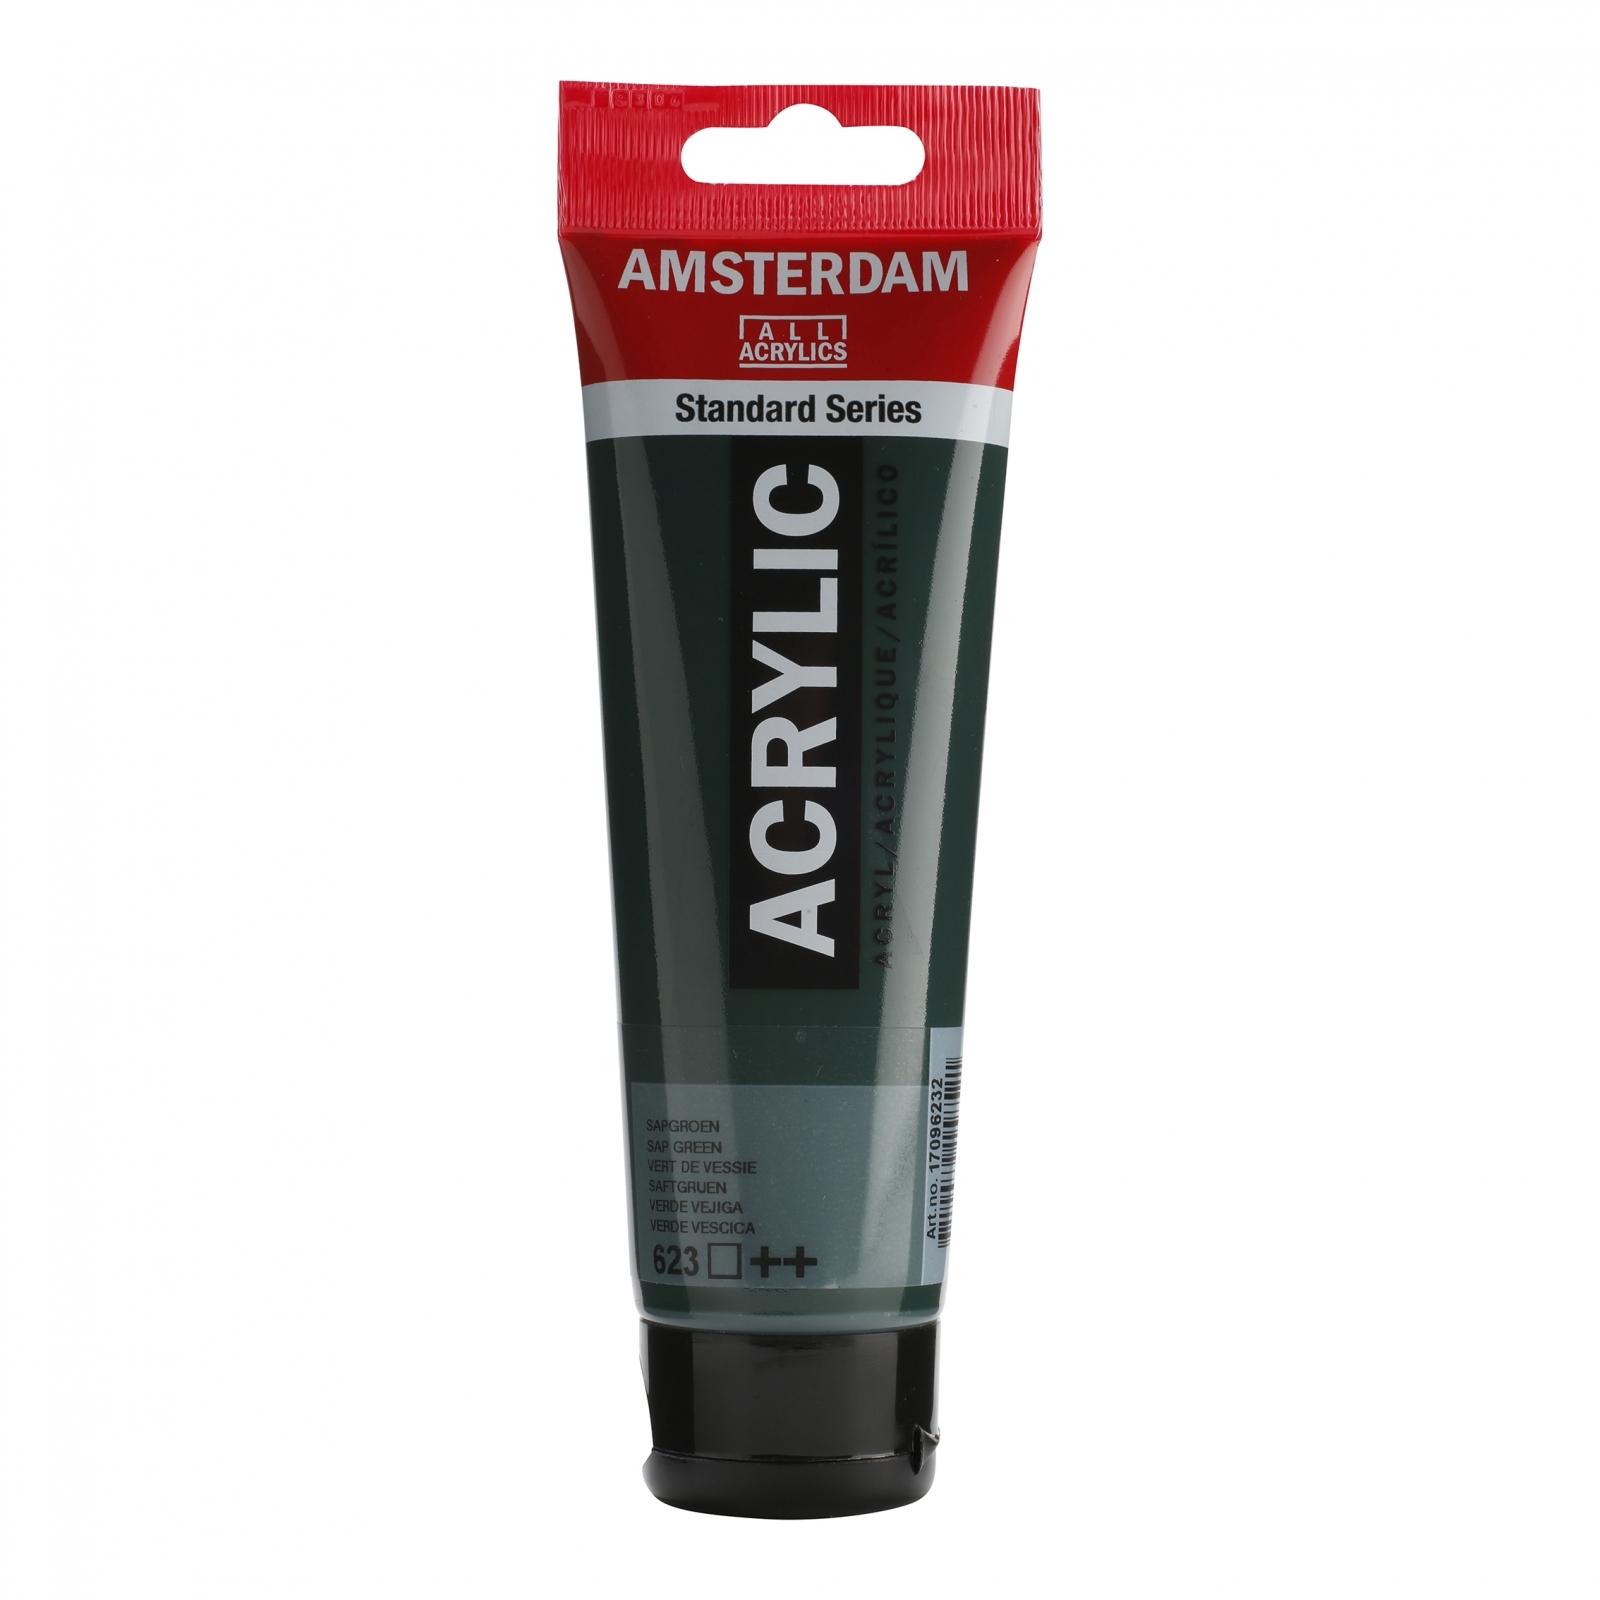 Tinta Acrílica Amsterdam Sap Green 120ml (+++623) - Papelaria Botafogo